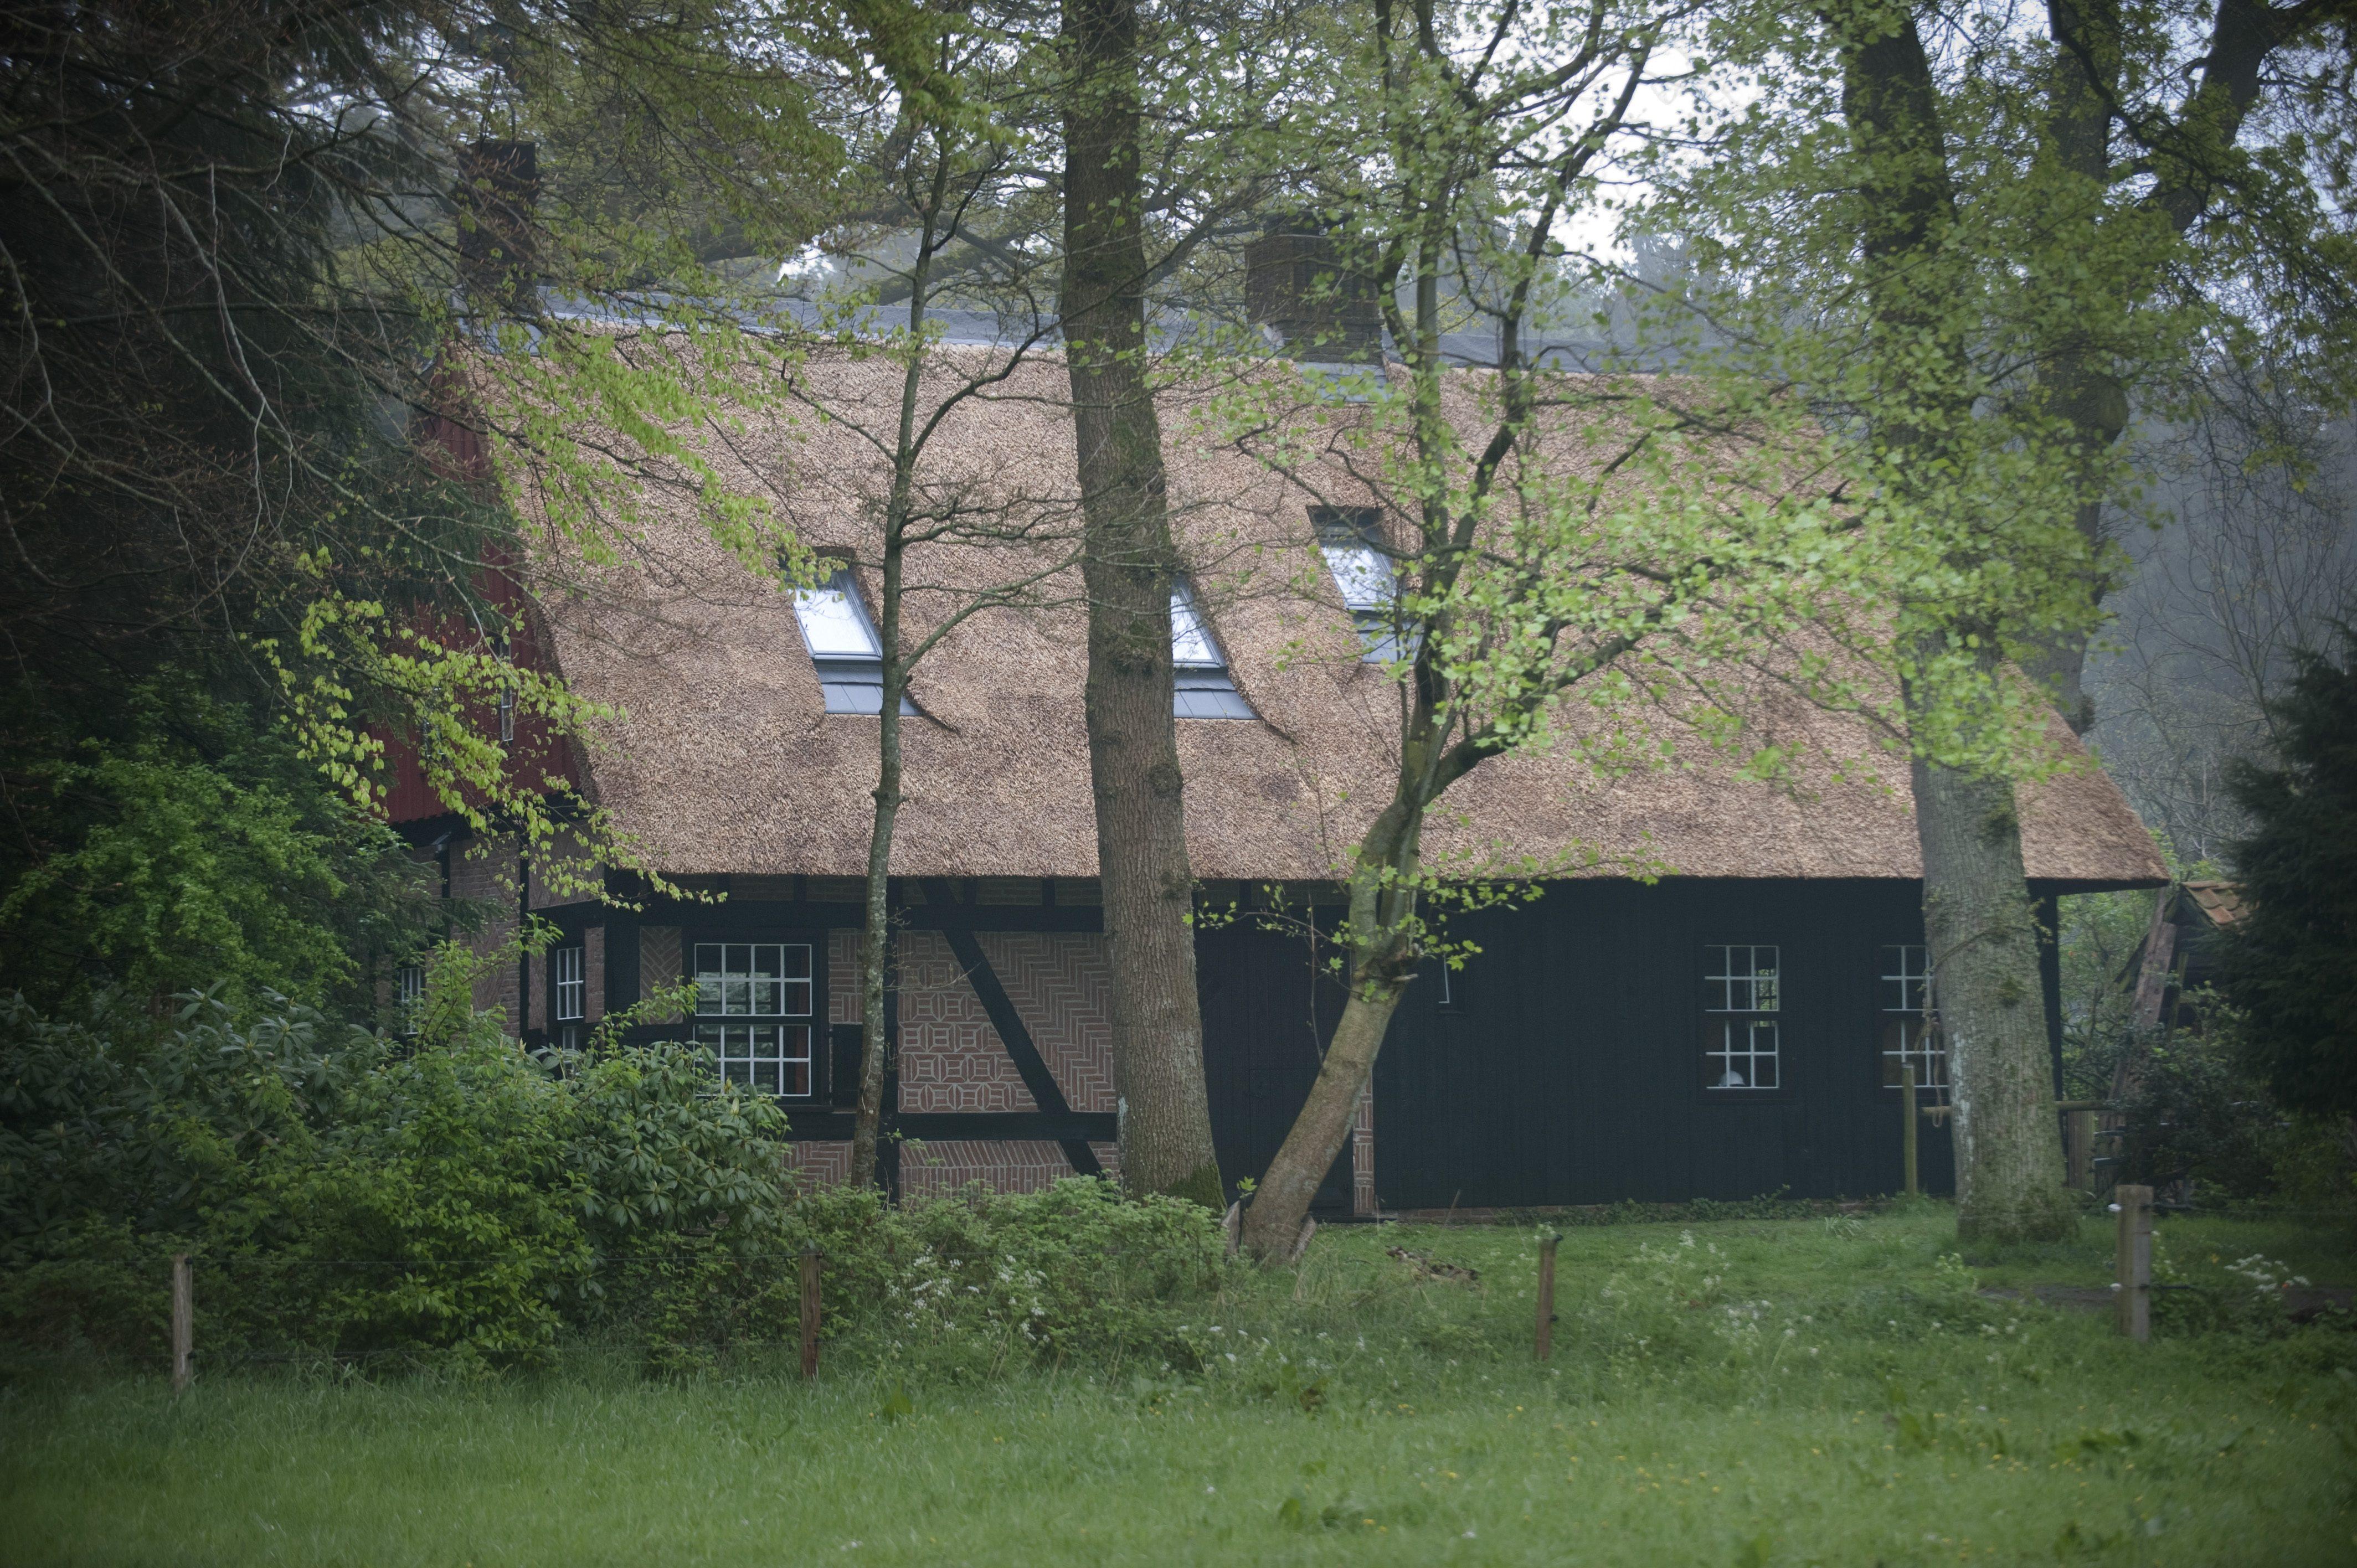 Logies in 39 huis kamps 39 boerderij kamps for Klein huisje in bos te koop